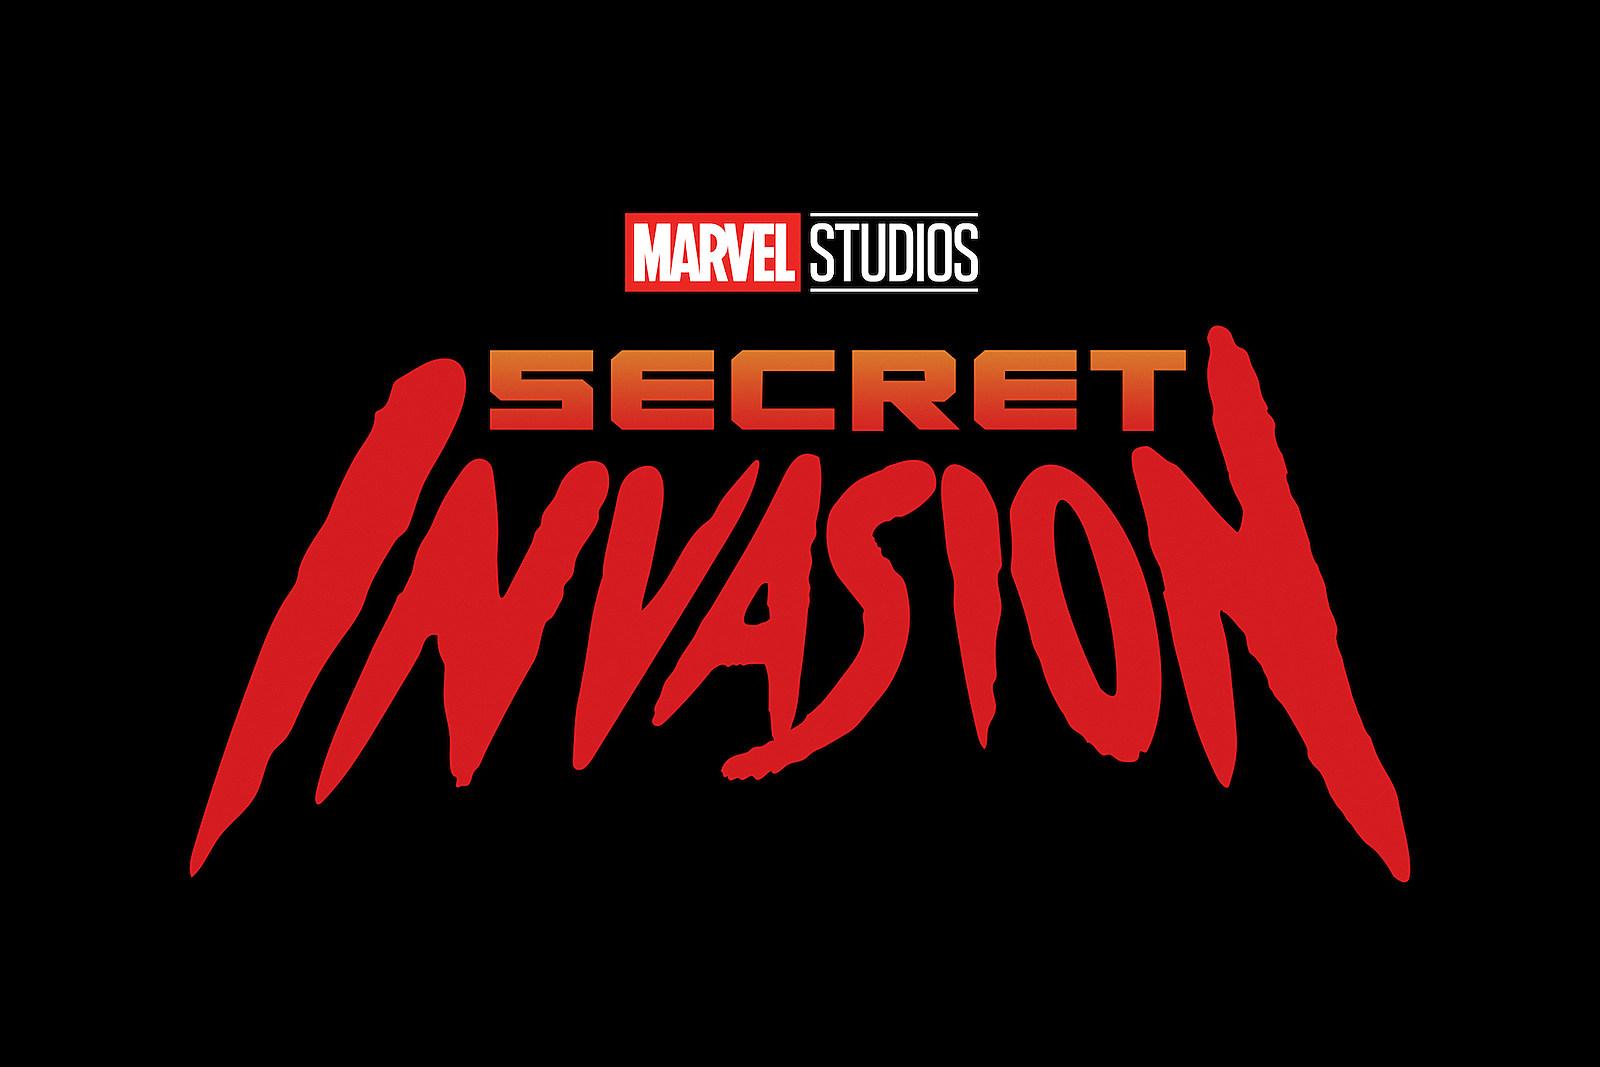 Marvel Begins Production on 'Secret Invasion' Series